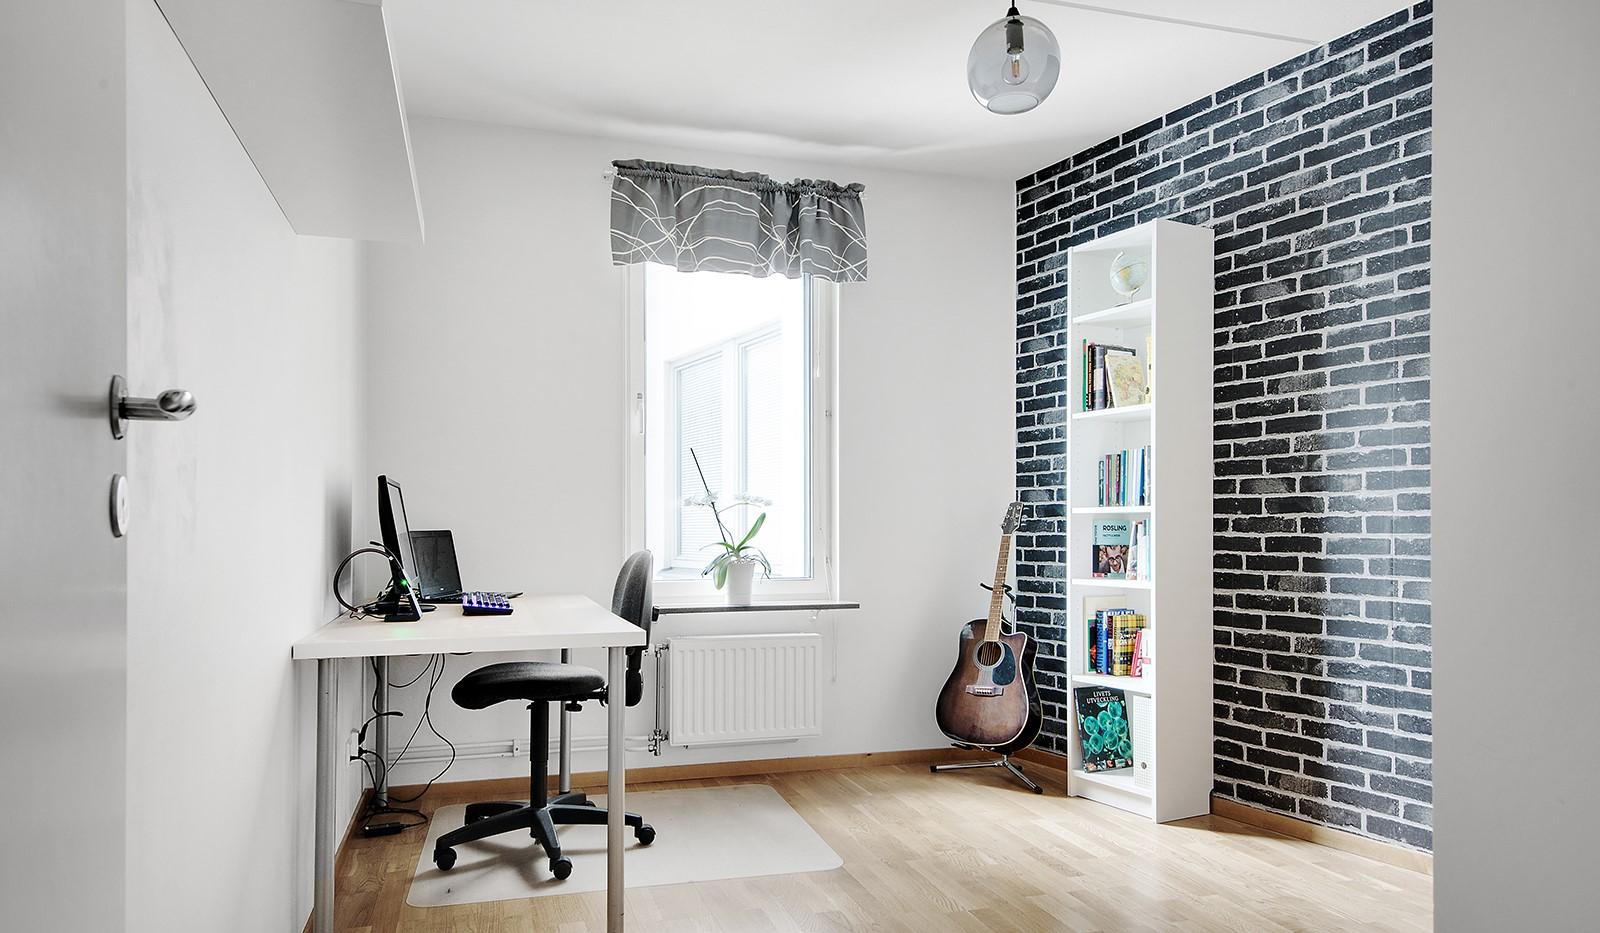 Grönbrinksgatan 6, 4tr - Sovrum 2: Plats för säng samt mindre skrivbord. Fönster mot innergården.